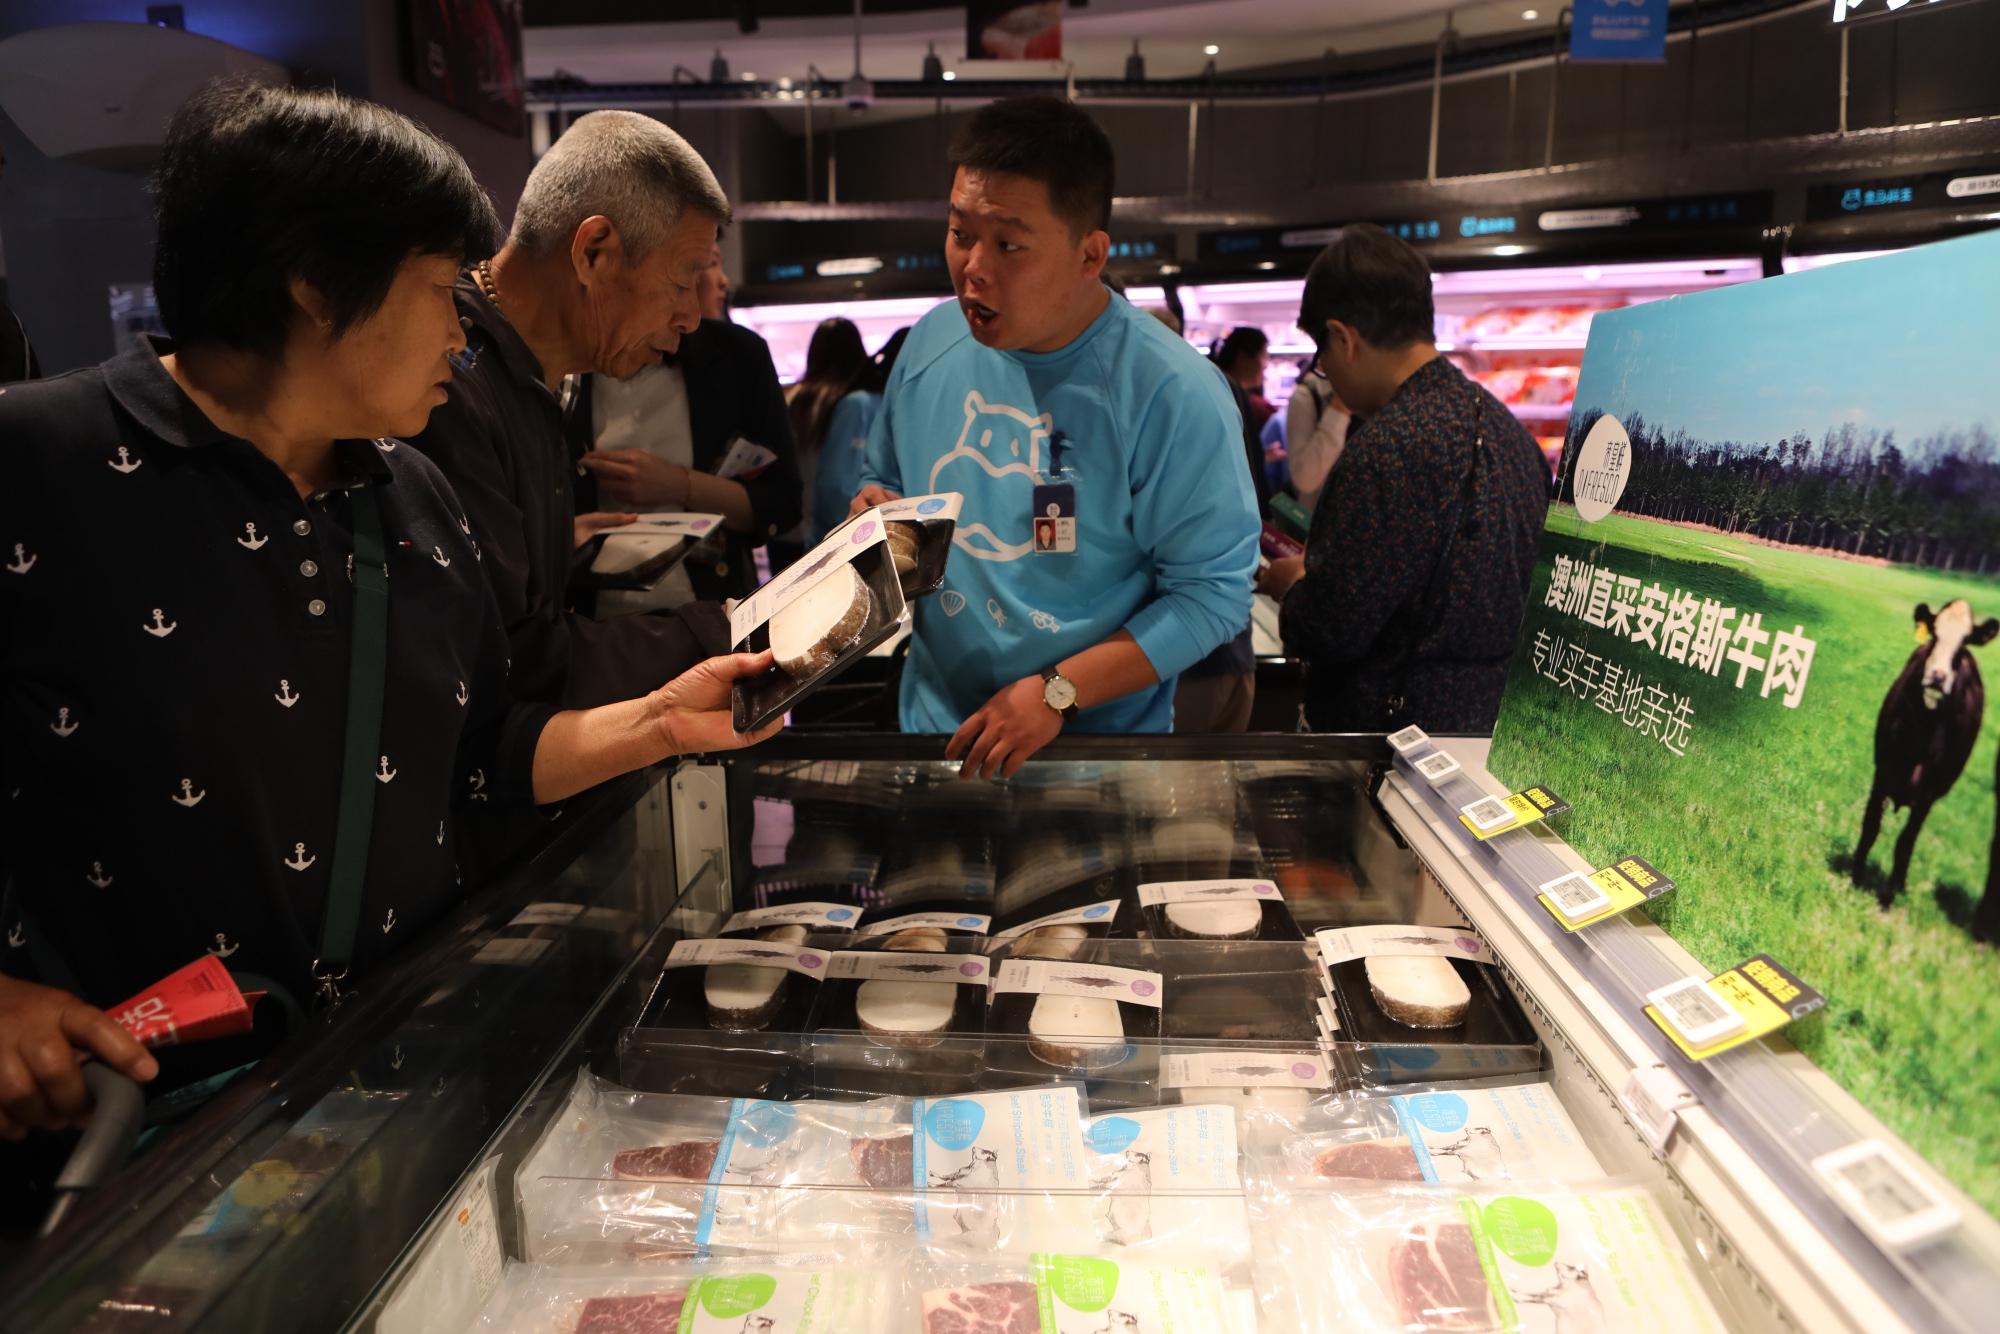 深圳哪里吃海鲜好_太疯狂!新零售标杆盒马生鲜西安首店正式开业,吃货们捞空了 ...